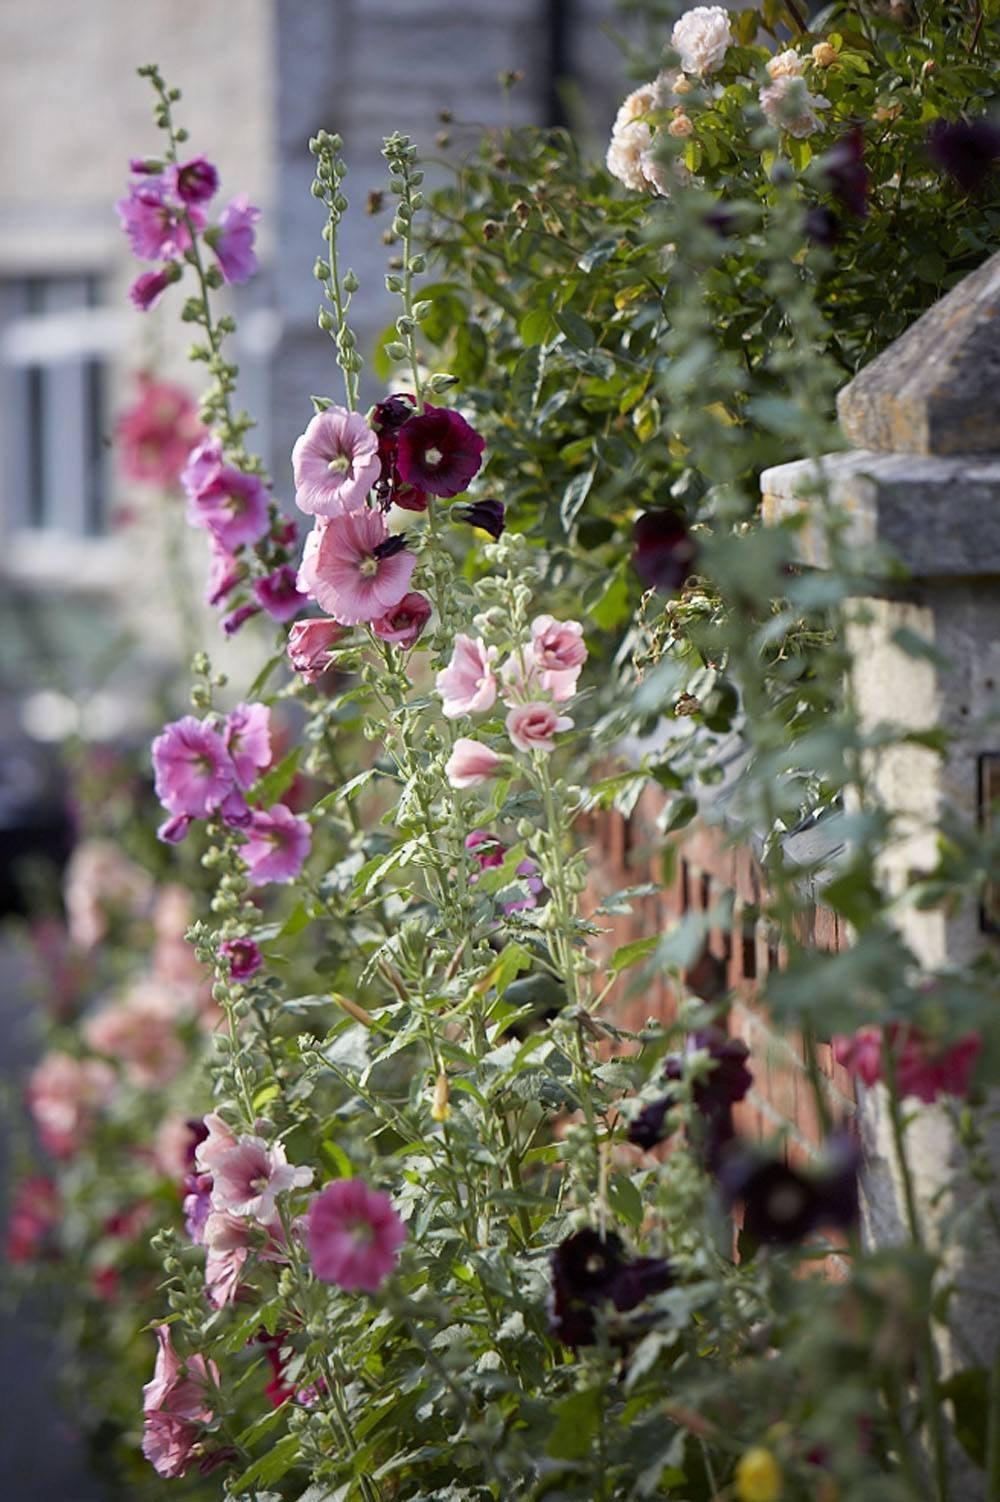 Frühlingsblumen in verschiedenen Pink- und Lilatönen.